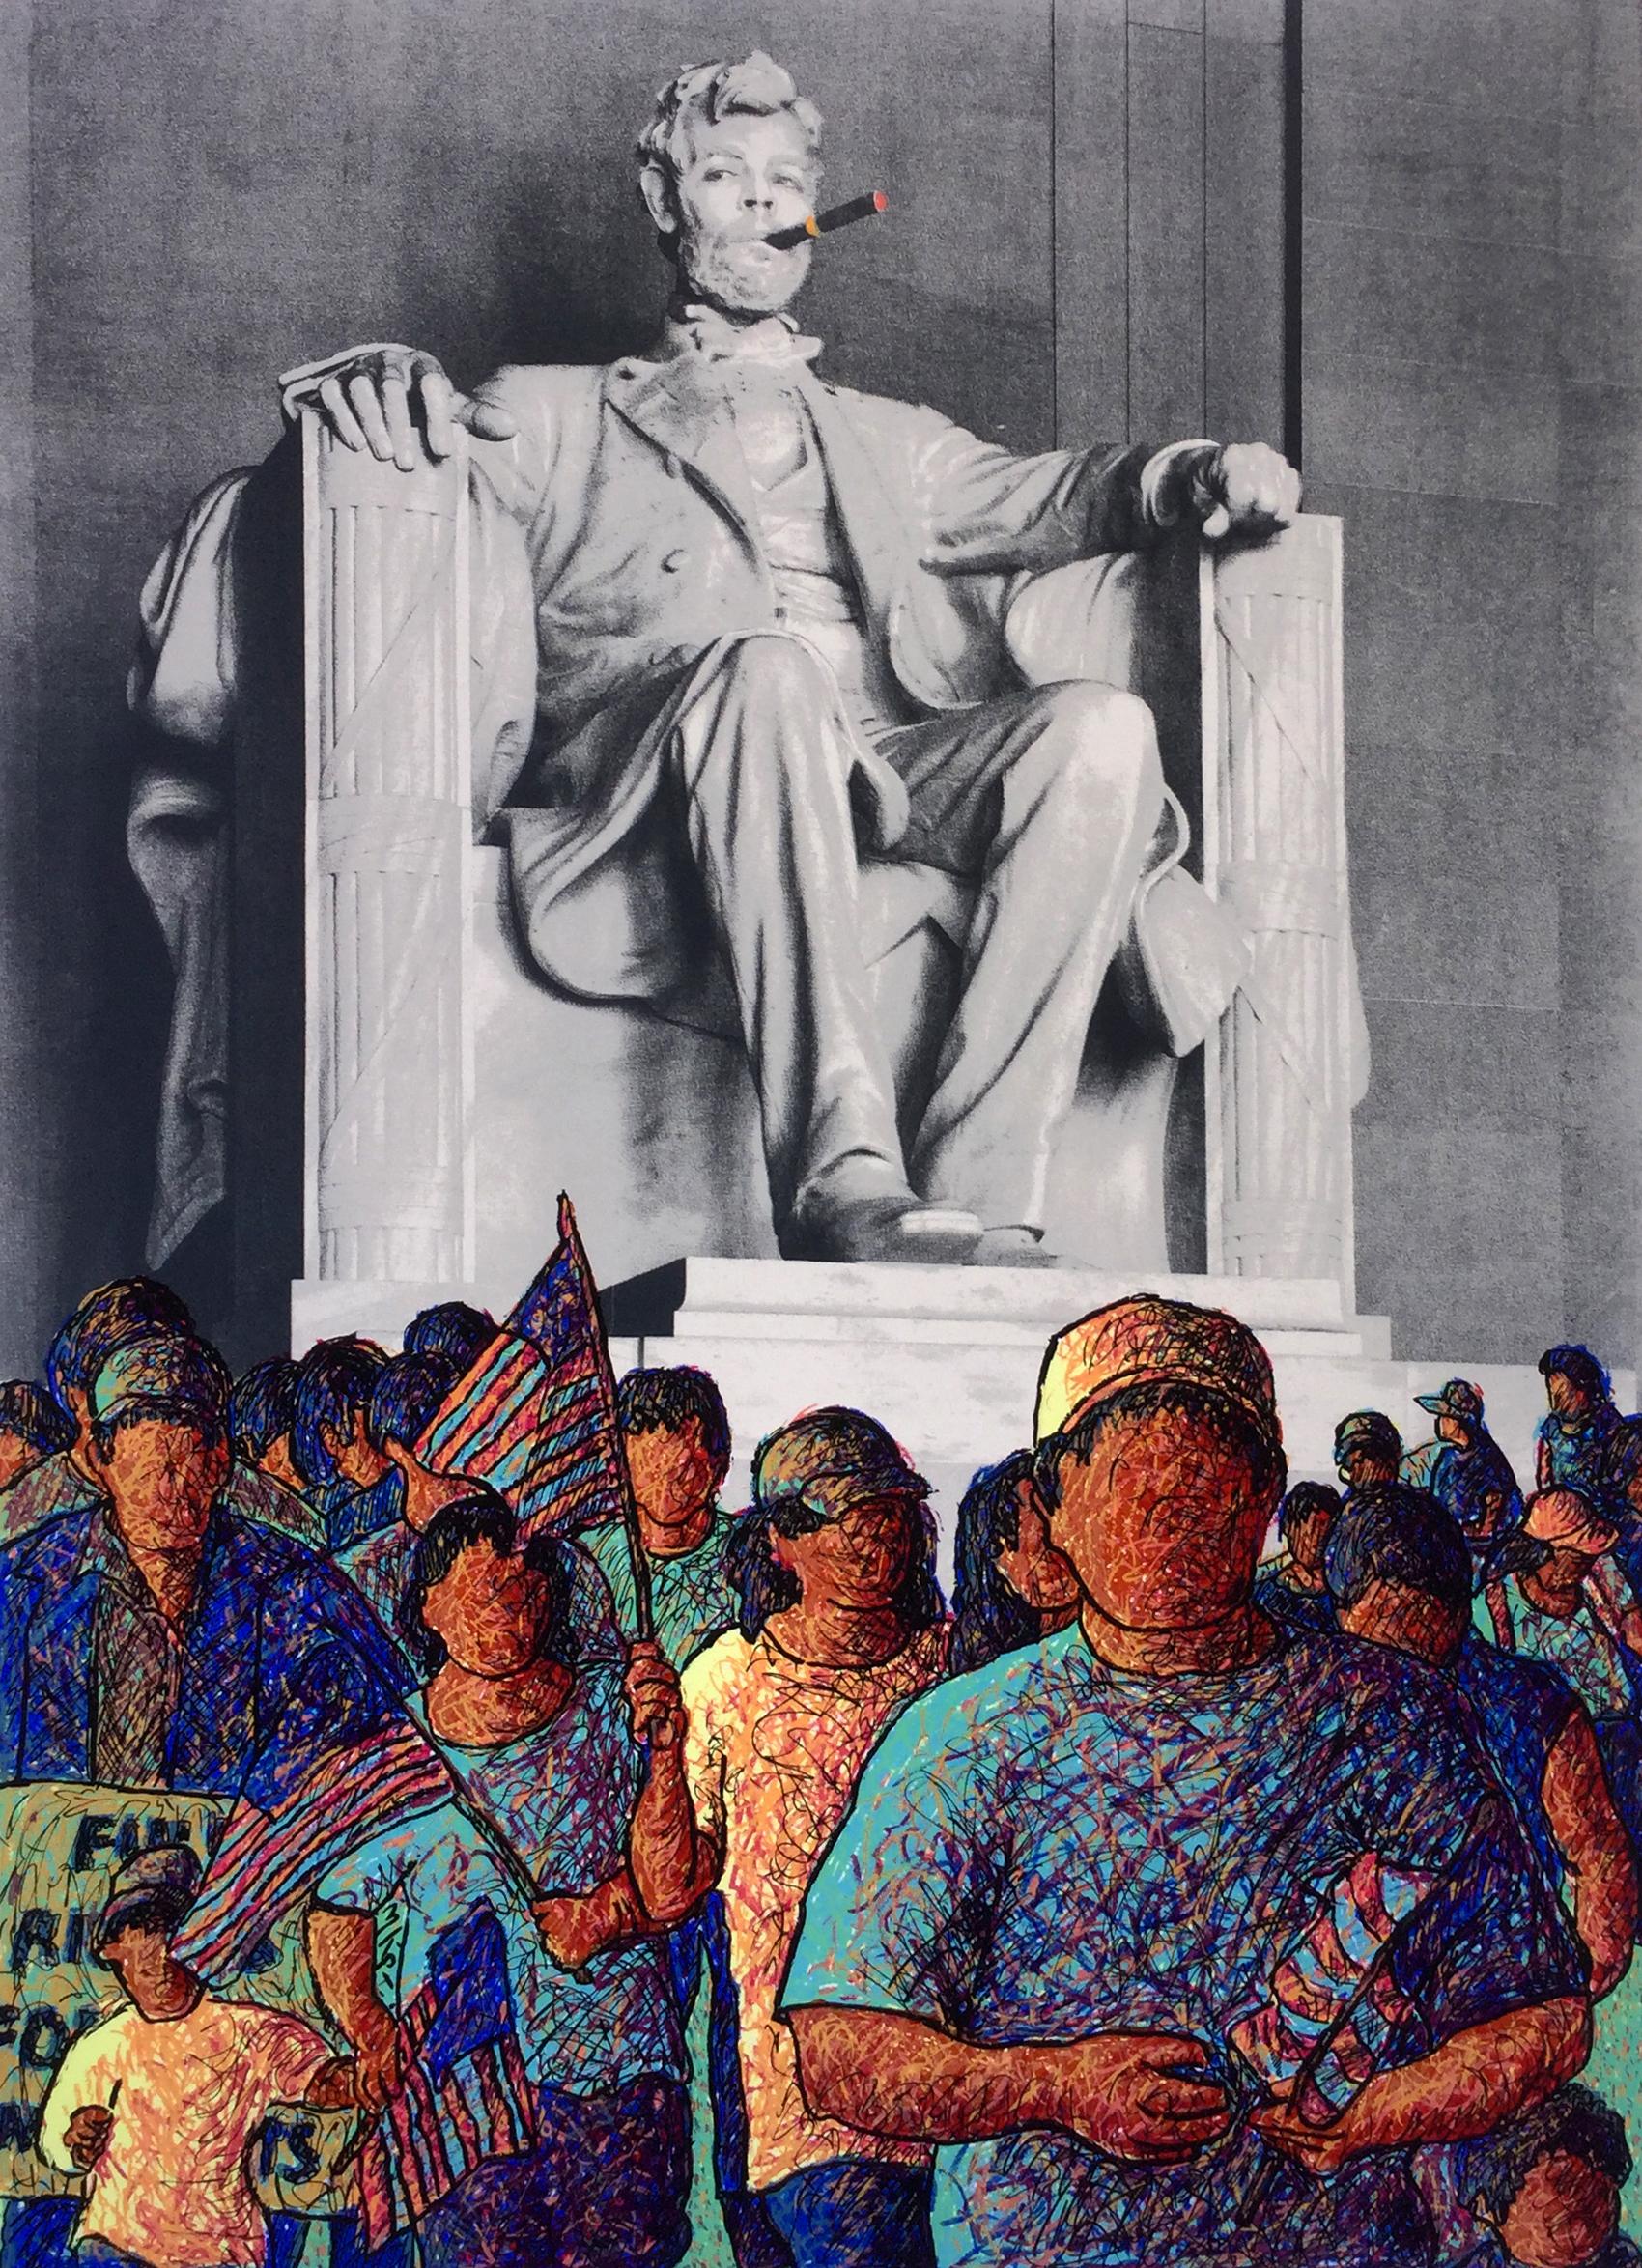 La Marcha de Ernesto Che Lincoln_Ortega_Silkscreen.jpg